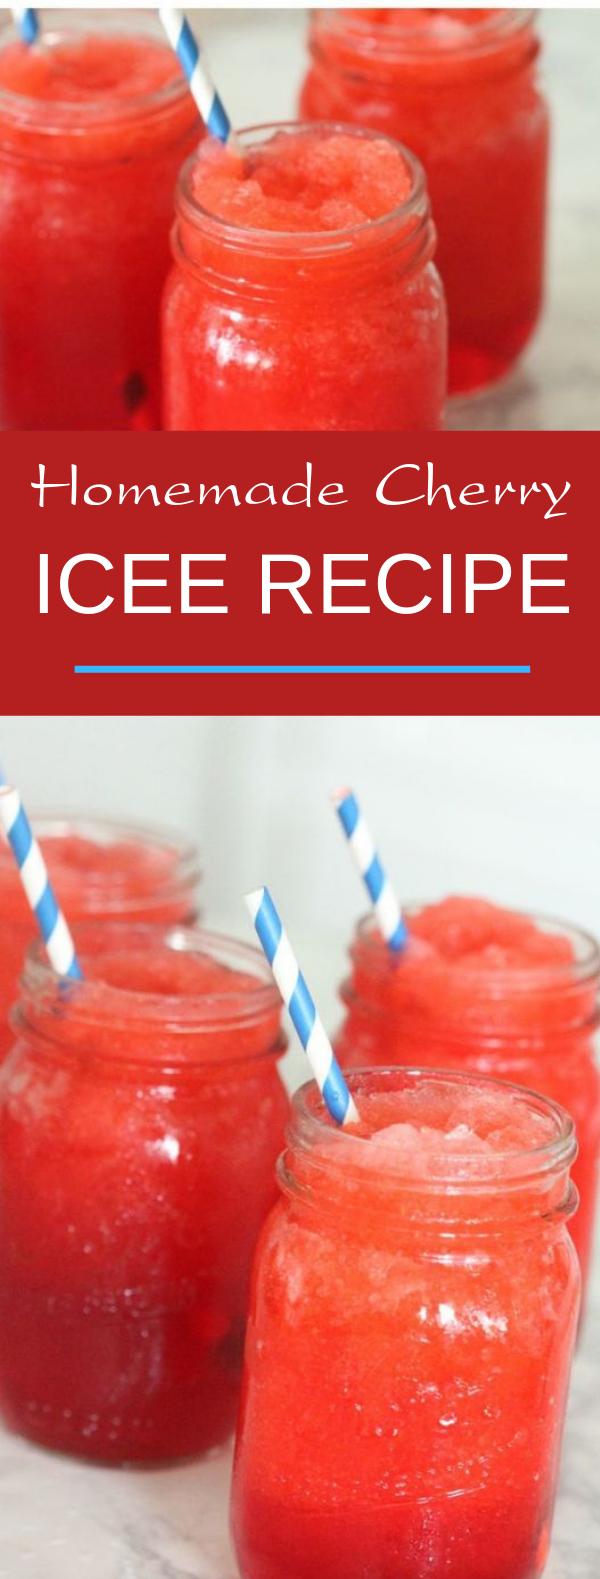 Homemade Cherry Icee Recipe #summer #freshdrink